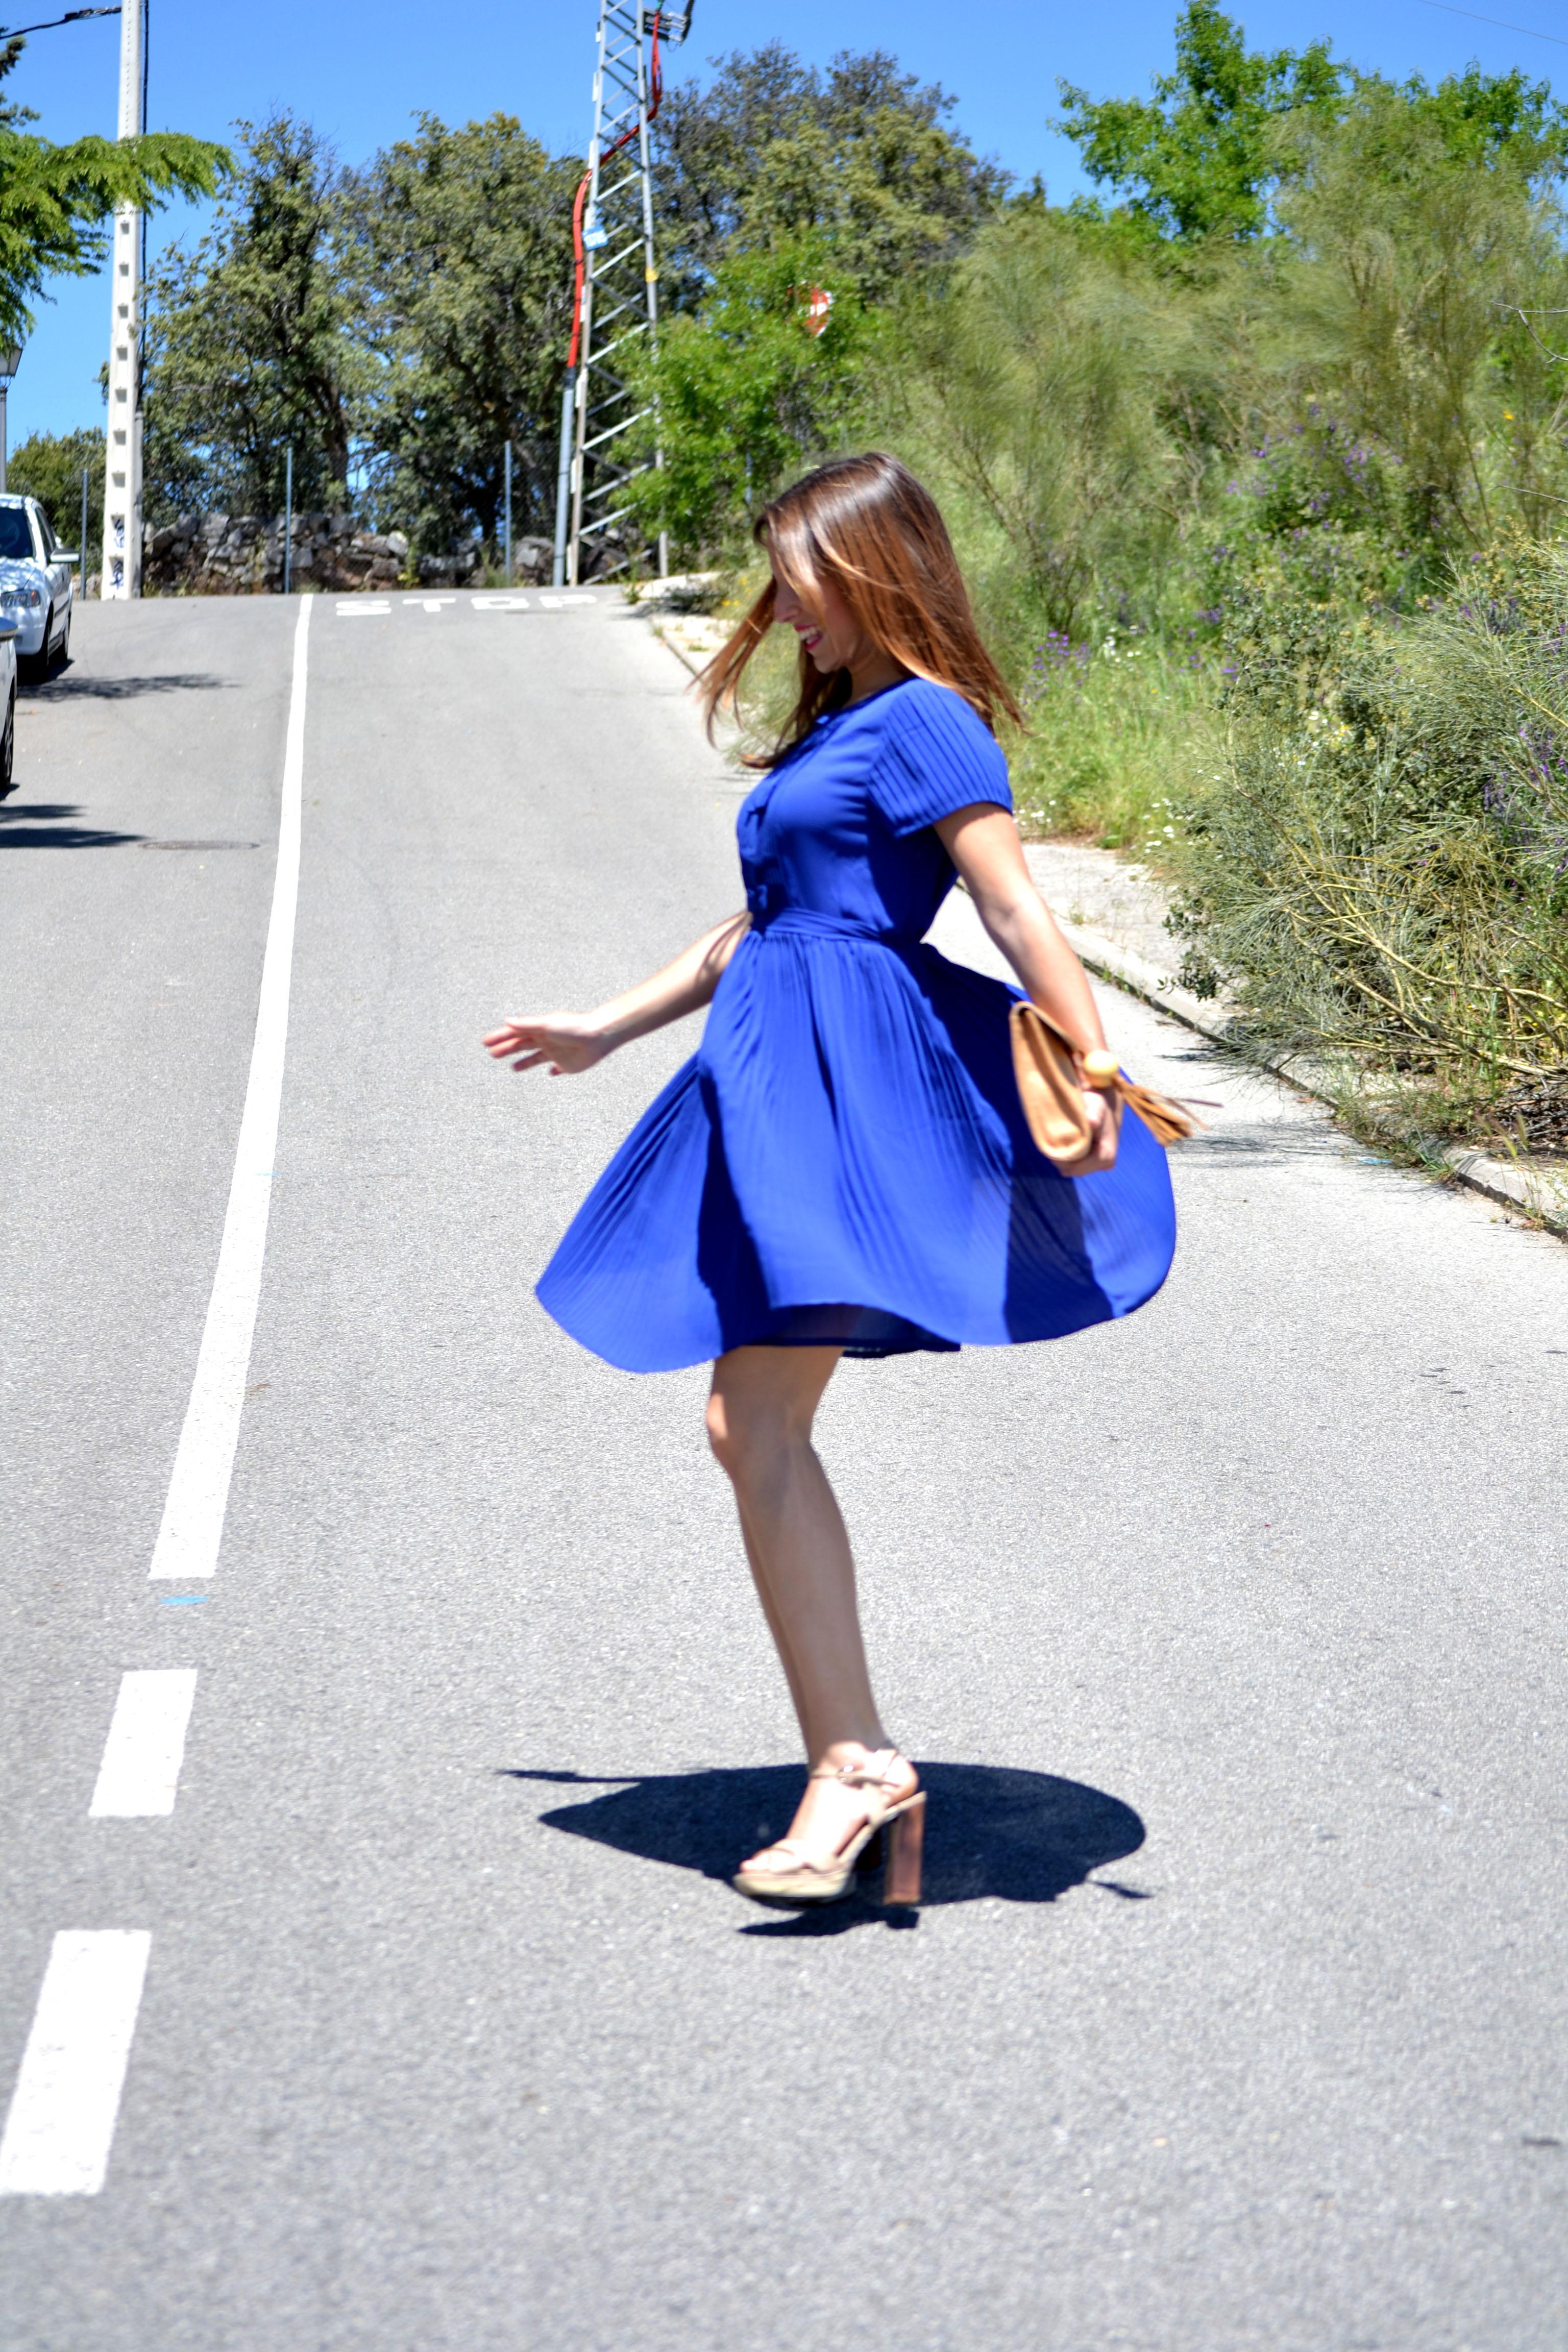 Azul Klein Que Te Quiero Kleinu2026 Un U2018Mar De Colorsu2019 -) U2013 La Reina Del Low Cost